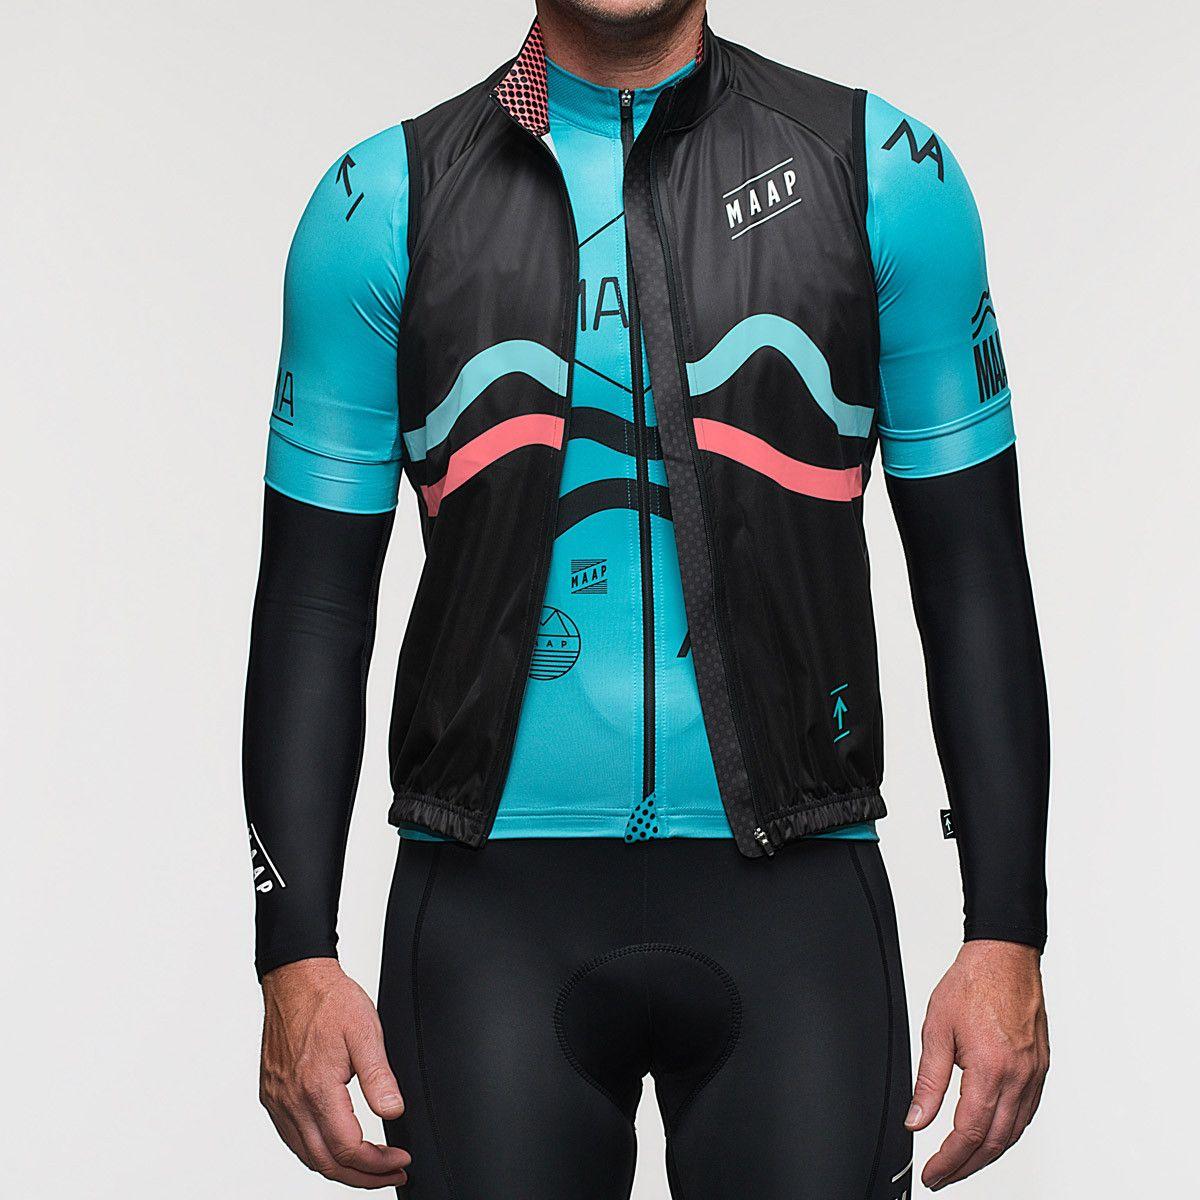 M.A Vest Black/Aqua/Coral